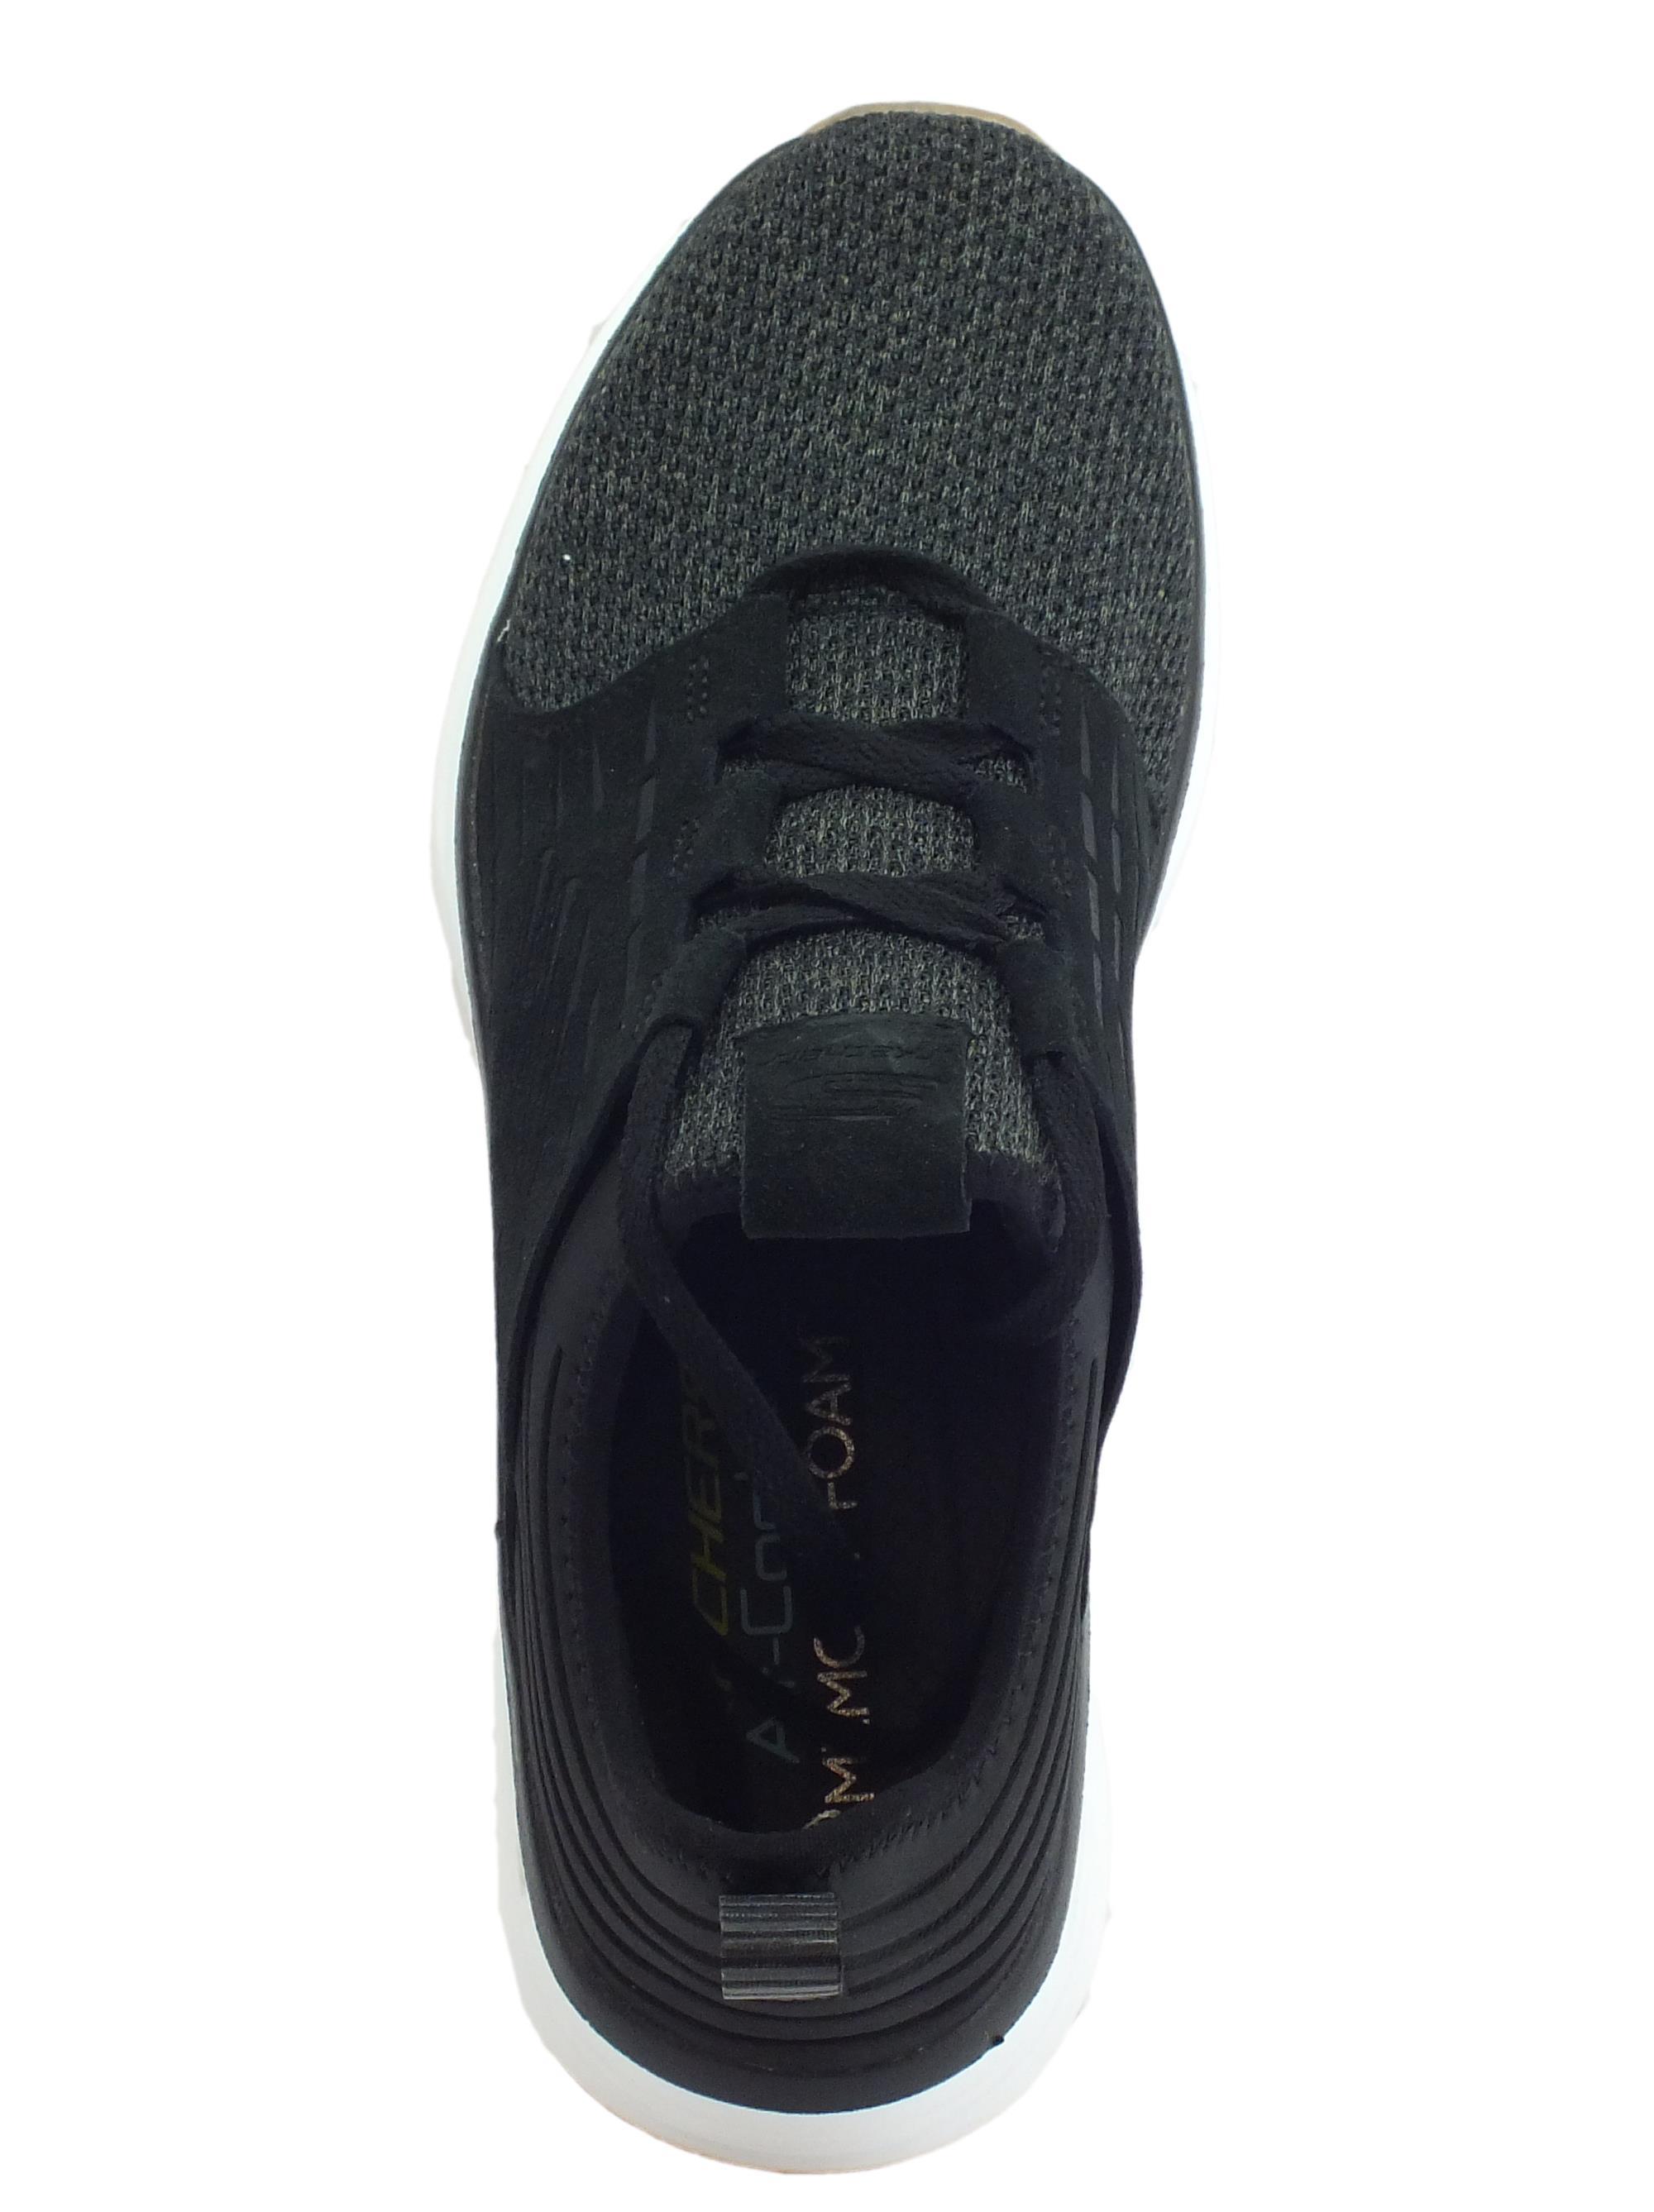 Scarpe Skechers SILSHER uomo tessuto camoscio nero - Vitiello Calzature d1b6c96c978